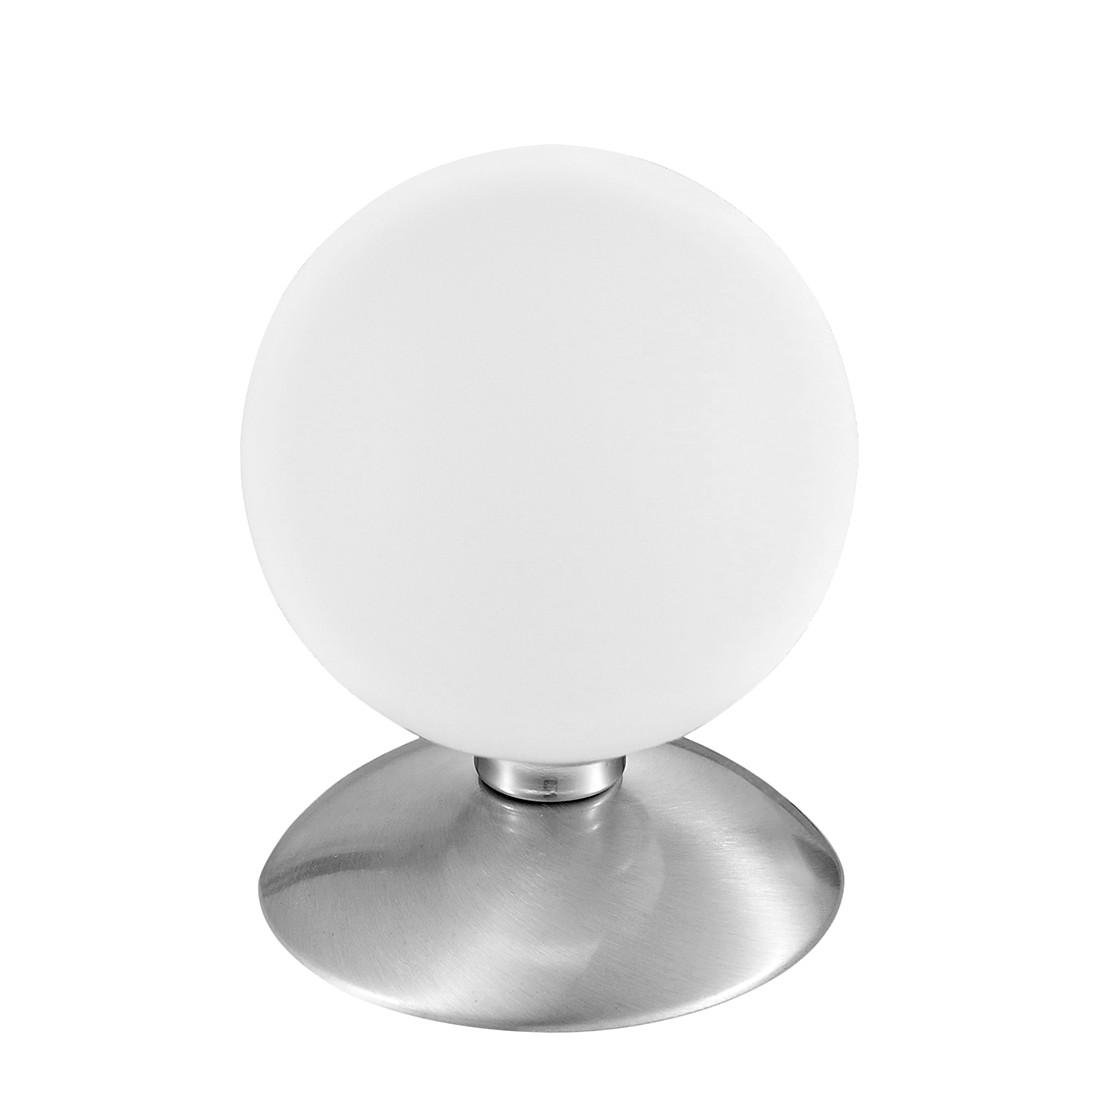 Tischleuchte Bubba Led by Leuchten Direkt ● Eisen/Stahl ● Silber ● 1-flammig- Leuchten Direkt A++